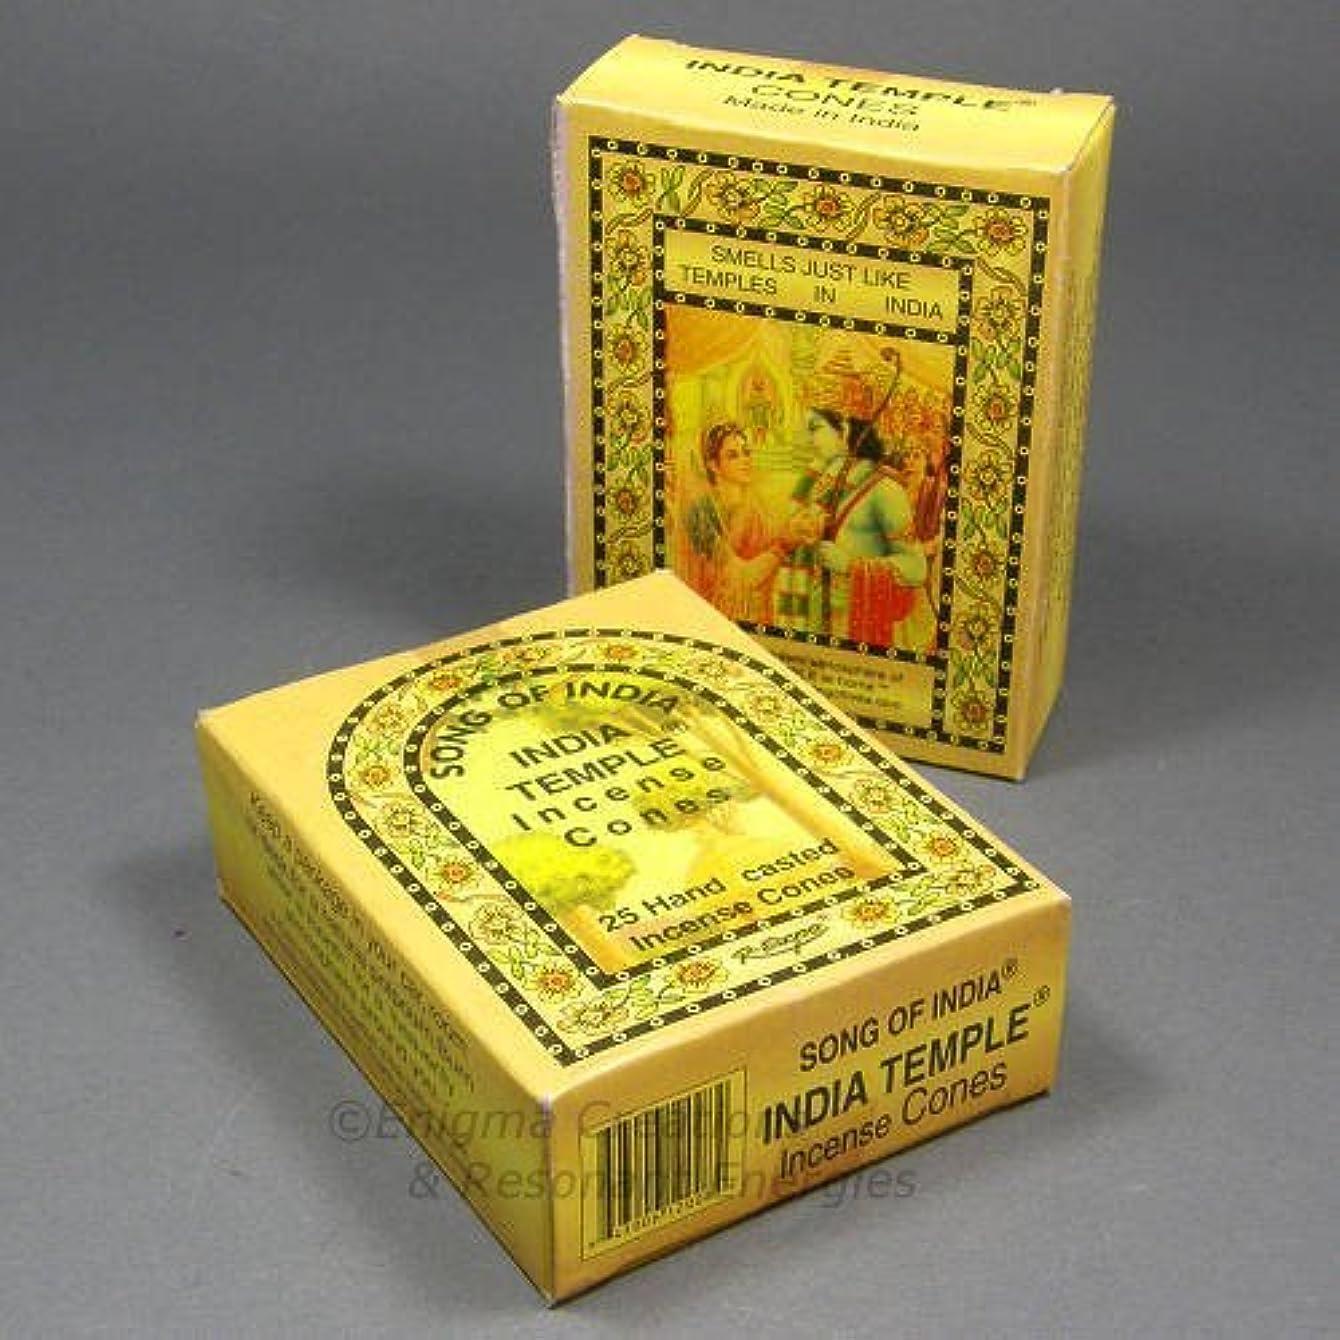 星集中滑りやすいSong of India - India Temple Cone Incense, 2 x 25 Cone Pack, 50 Cones Total, (IN7) by Song of India